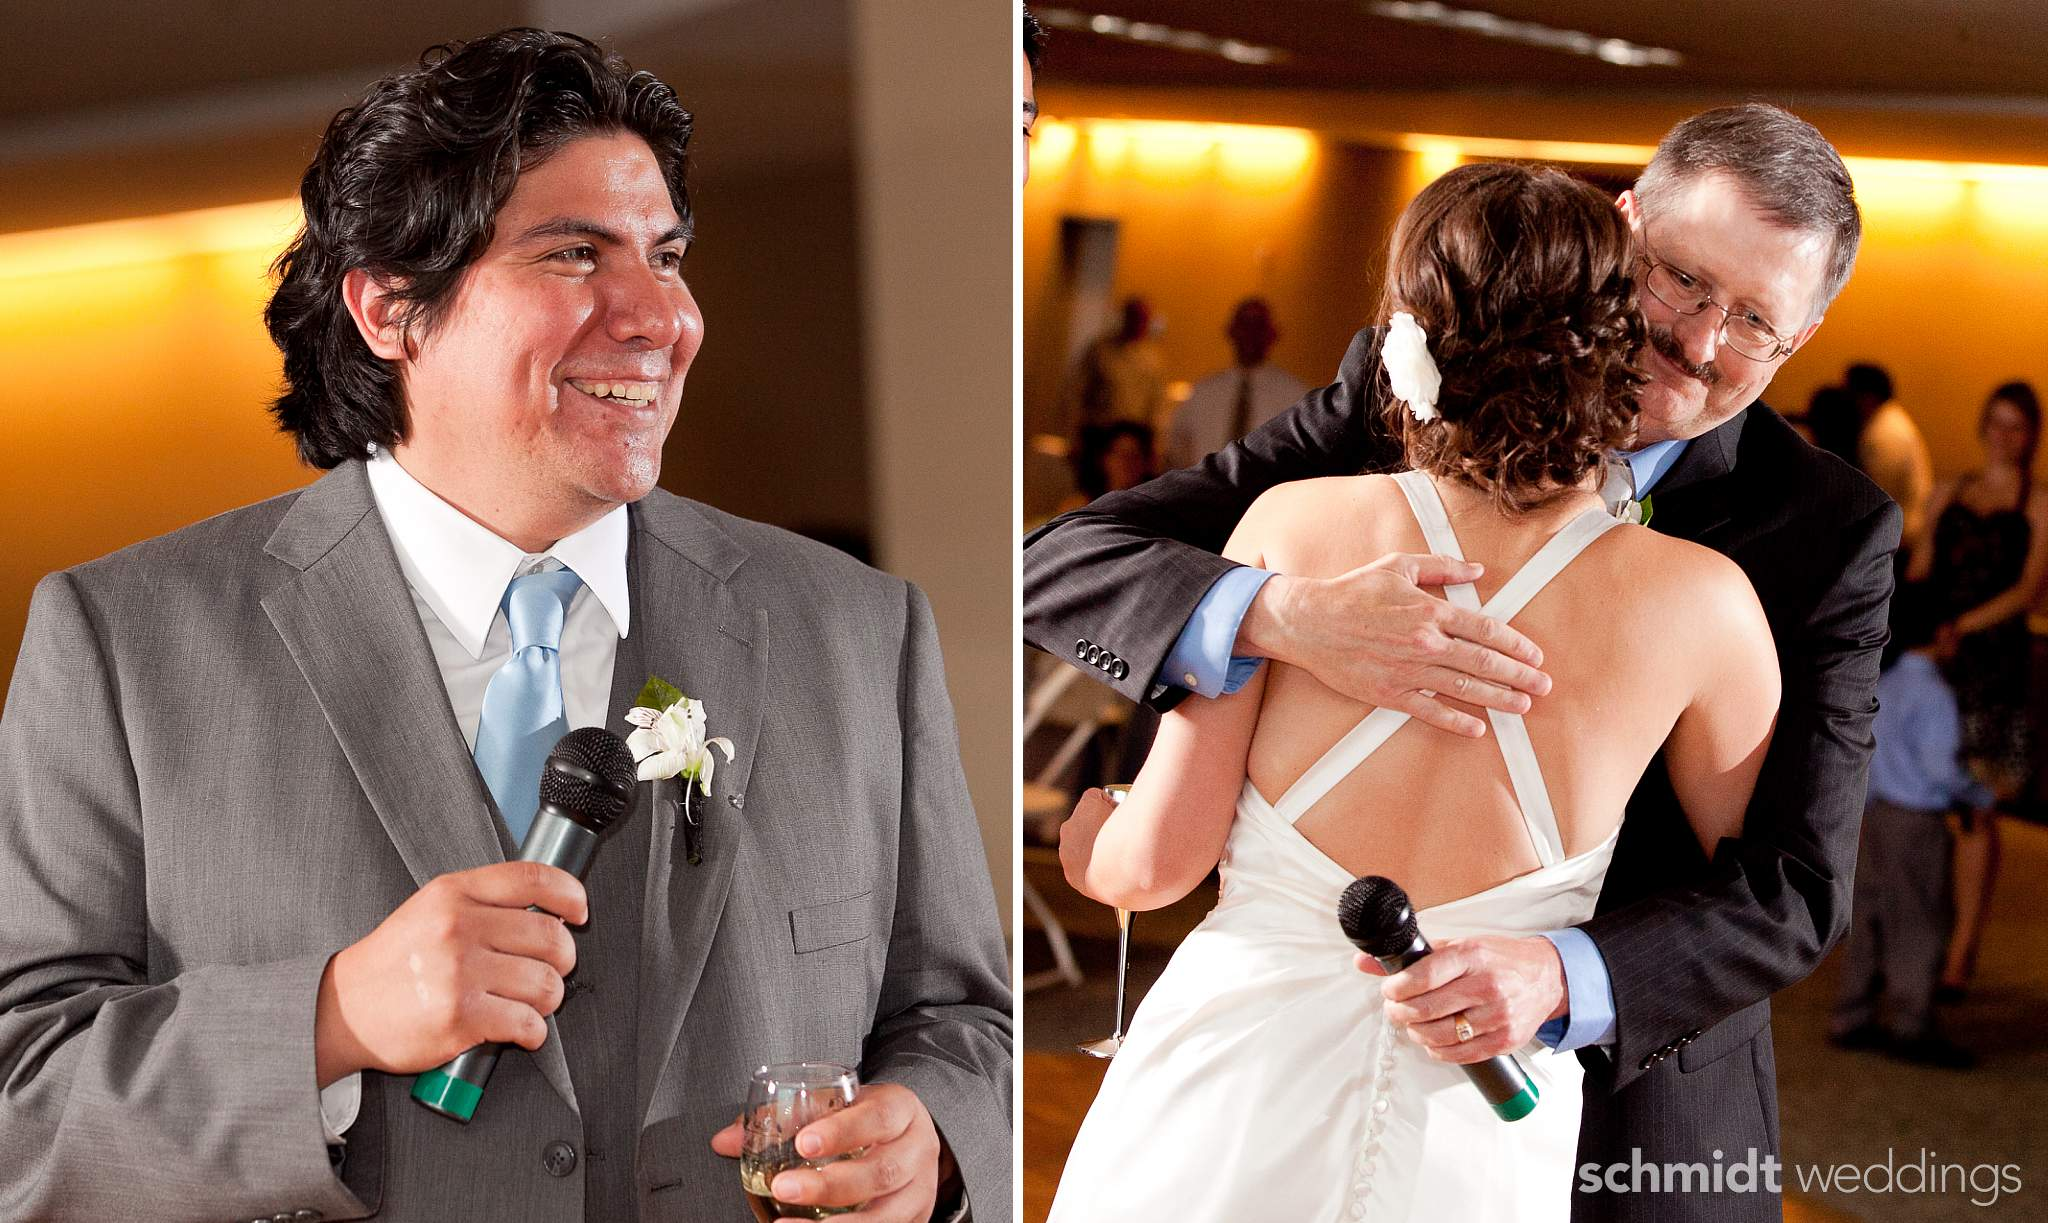 Bouquet toss and first dance reception photos tom schmidt weddings